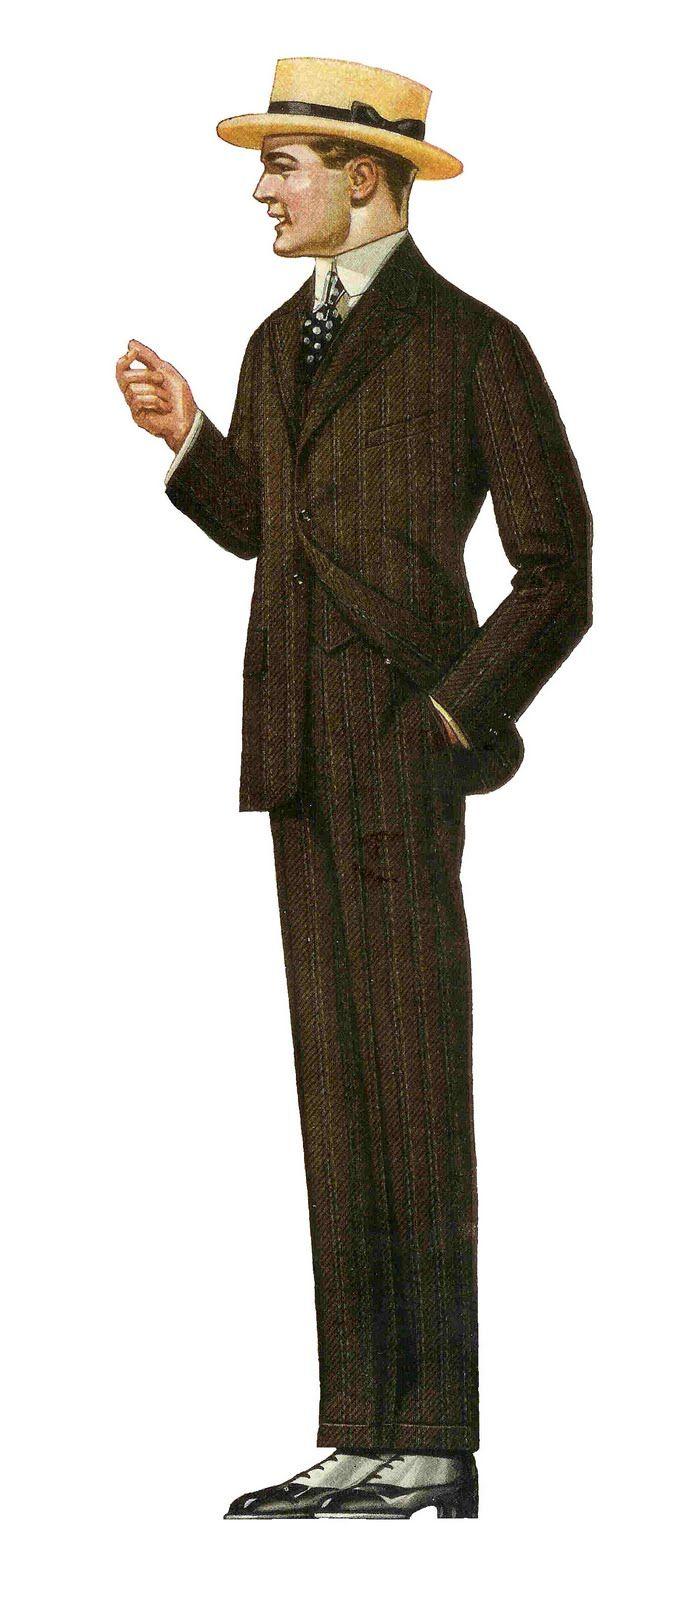 Victorian clipart wardrobe Art Clip Father's Fashion Men's